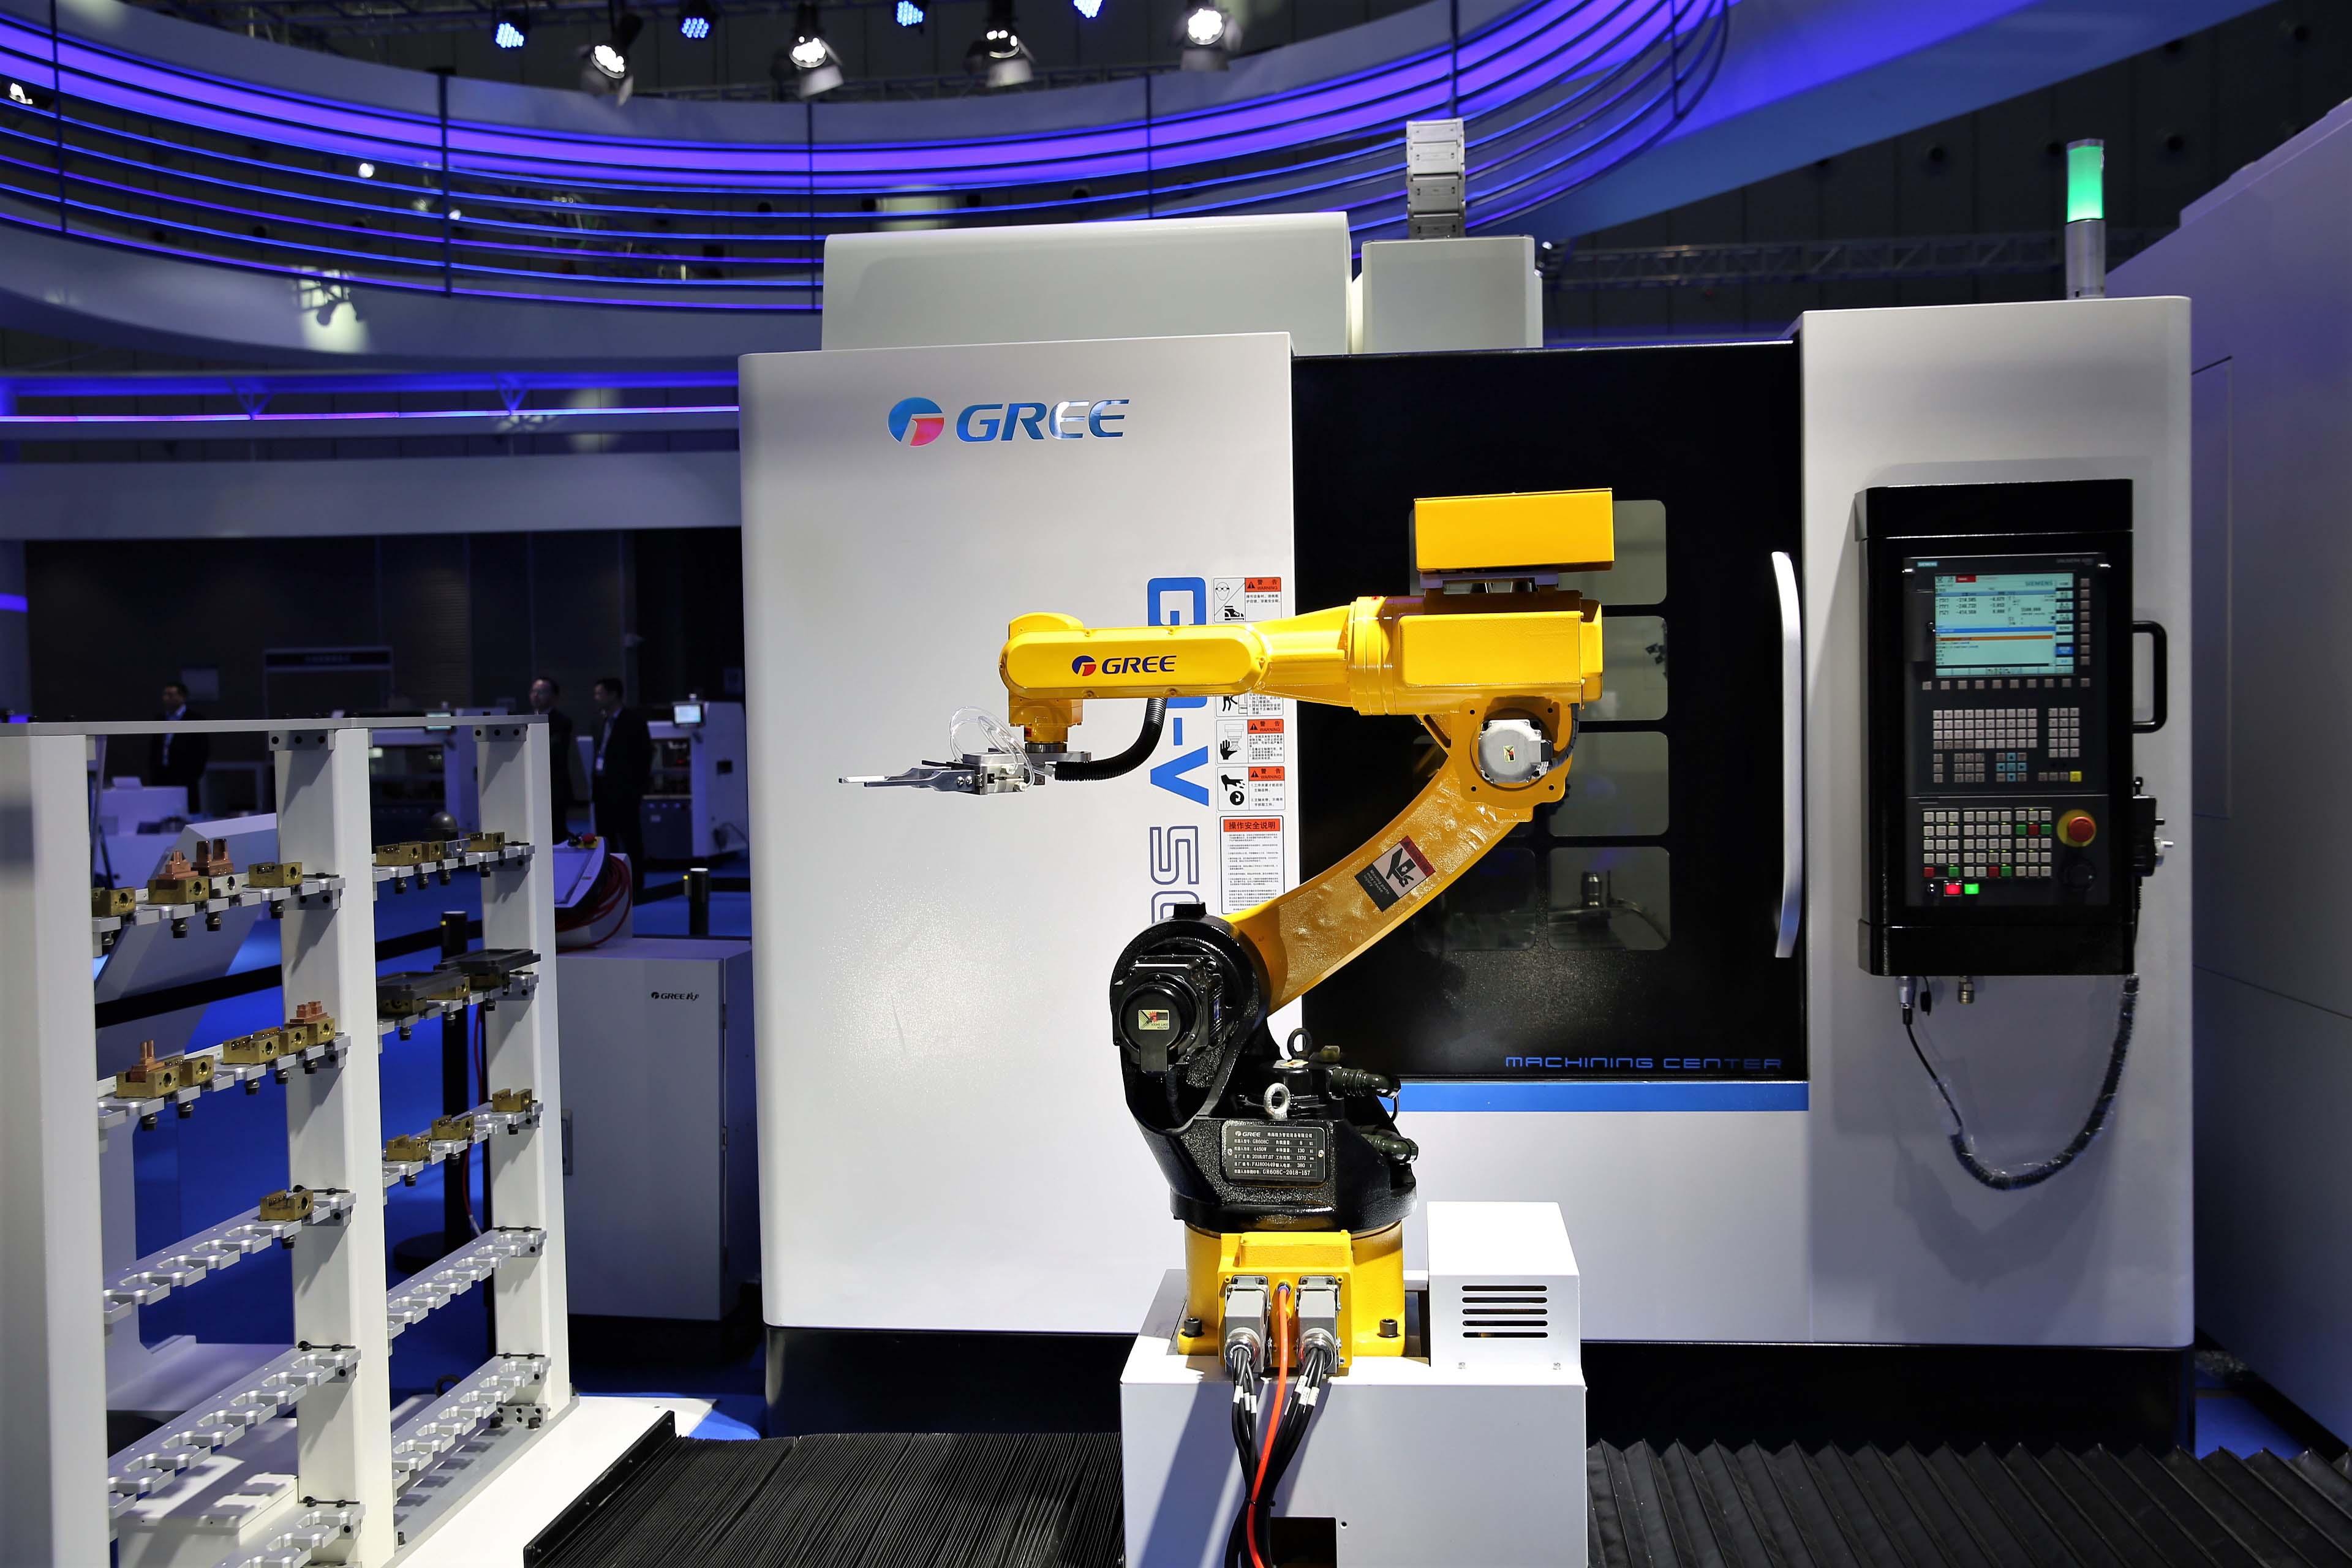 众巨头齐聚南京,抢先占领中国数字化市场